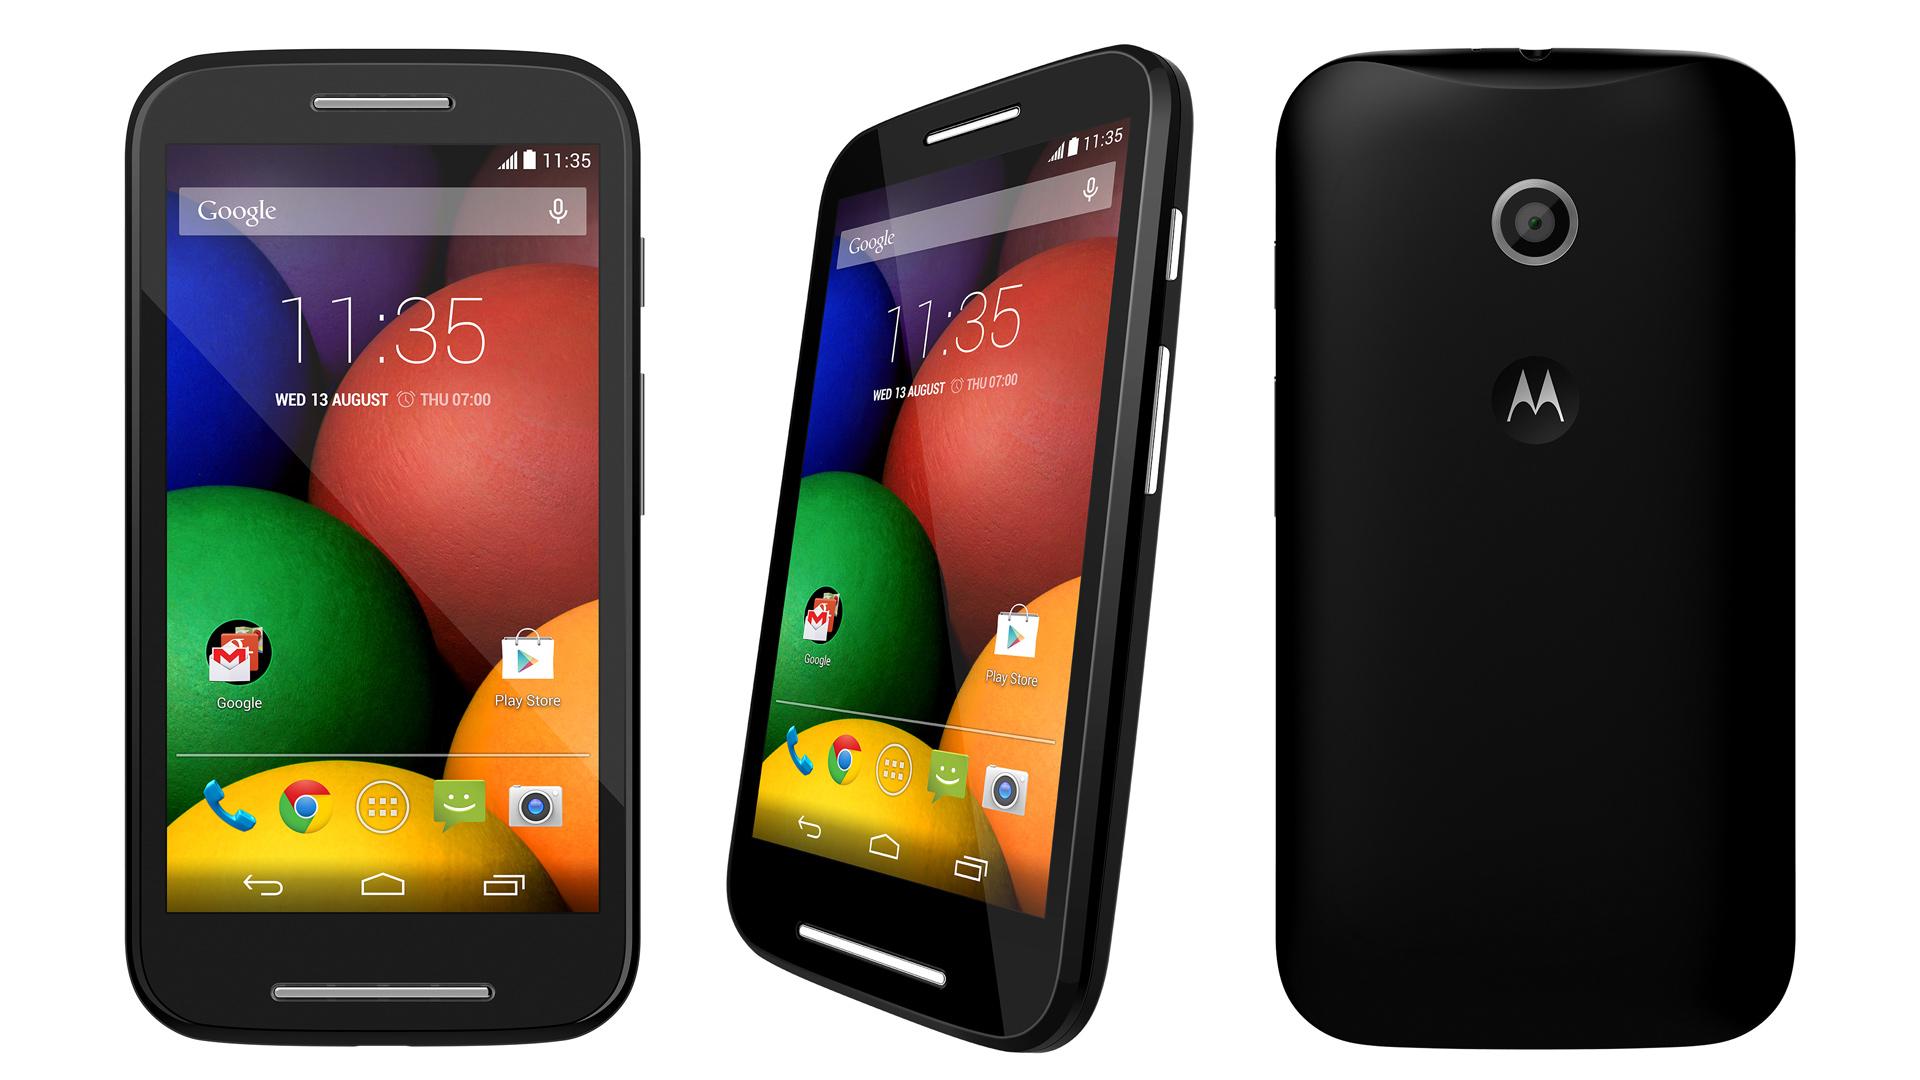 Motorola-Moto-E-vs-LG-L-Bello-specifiche-tecniche-e-prezzi-a-confronto-3